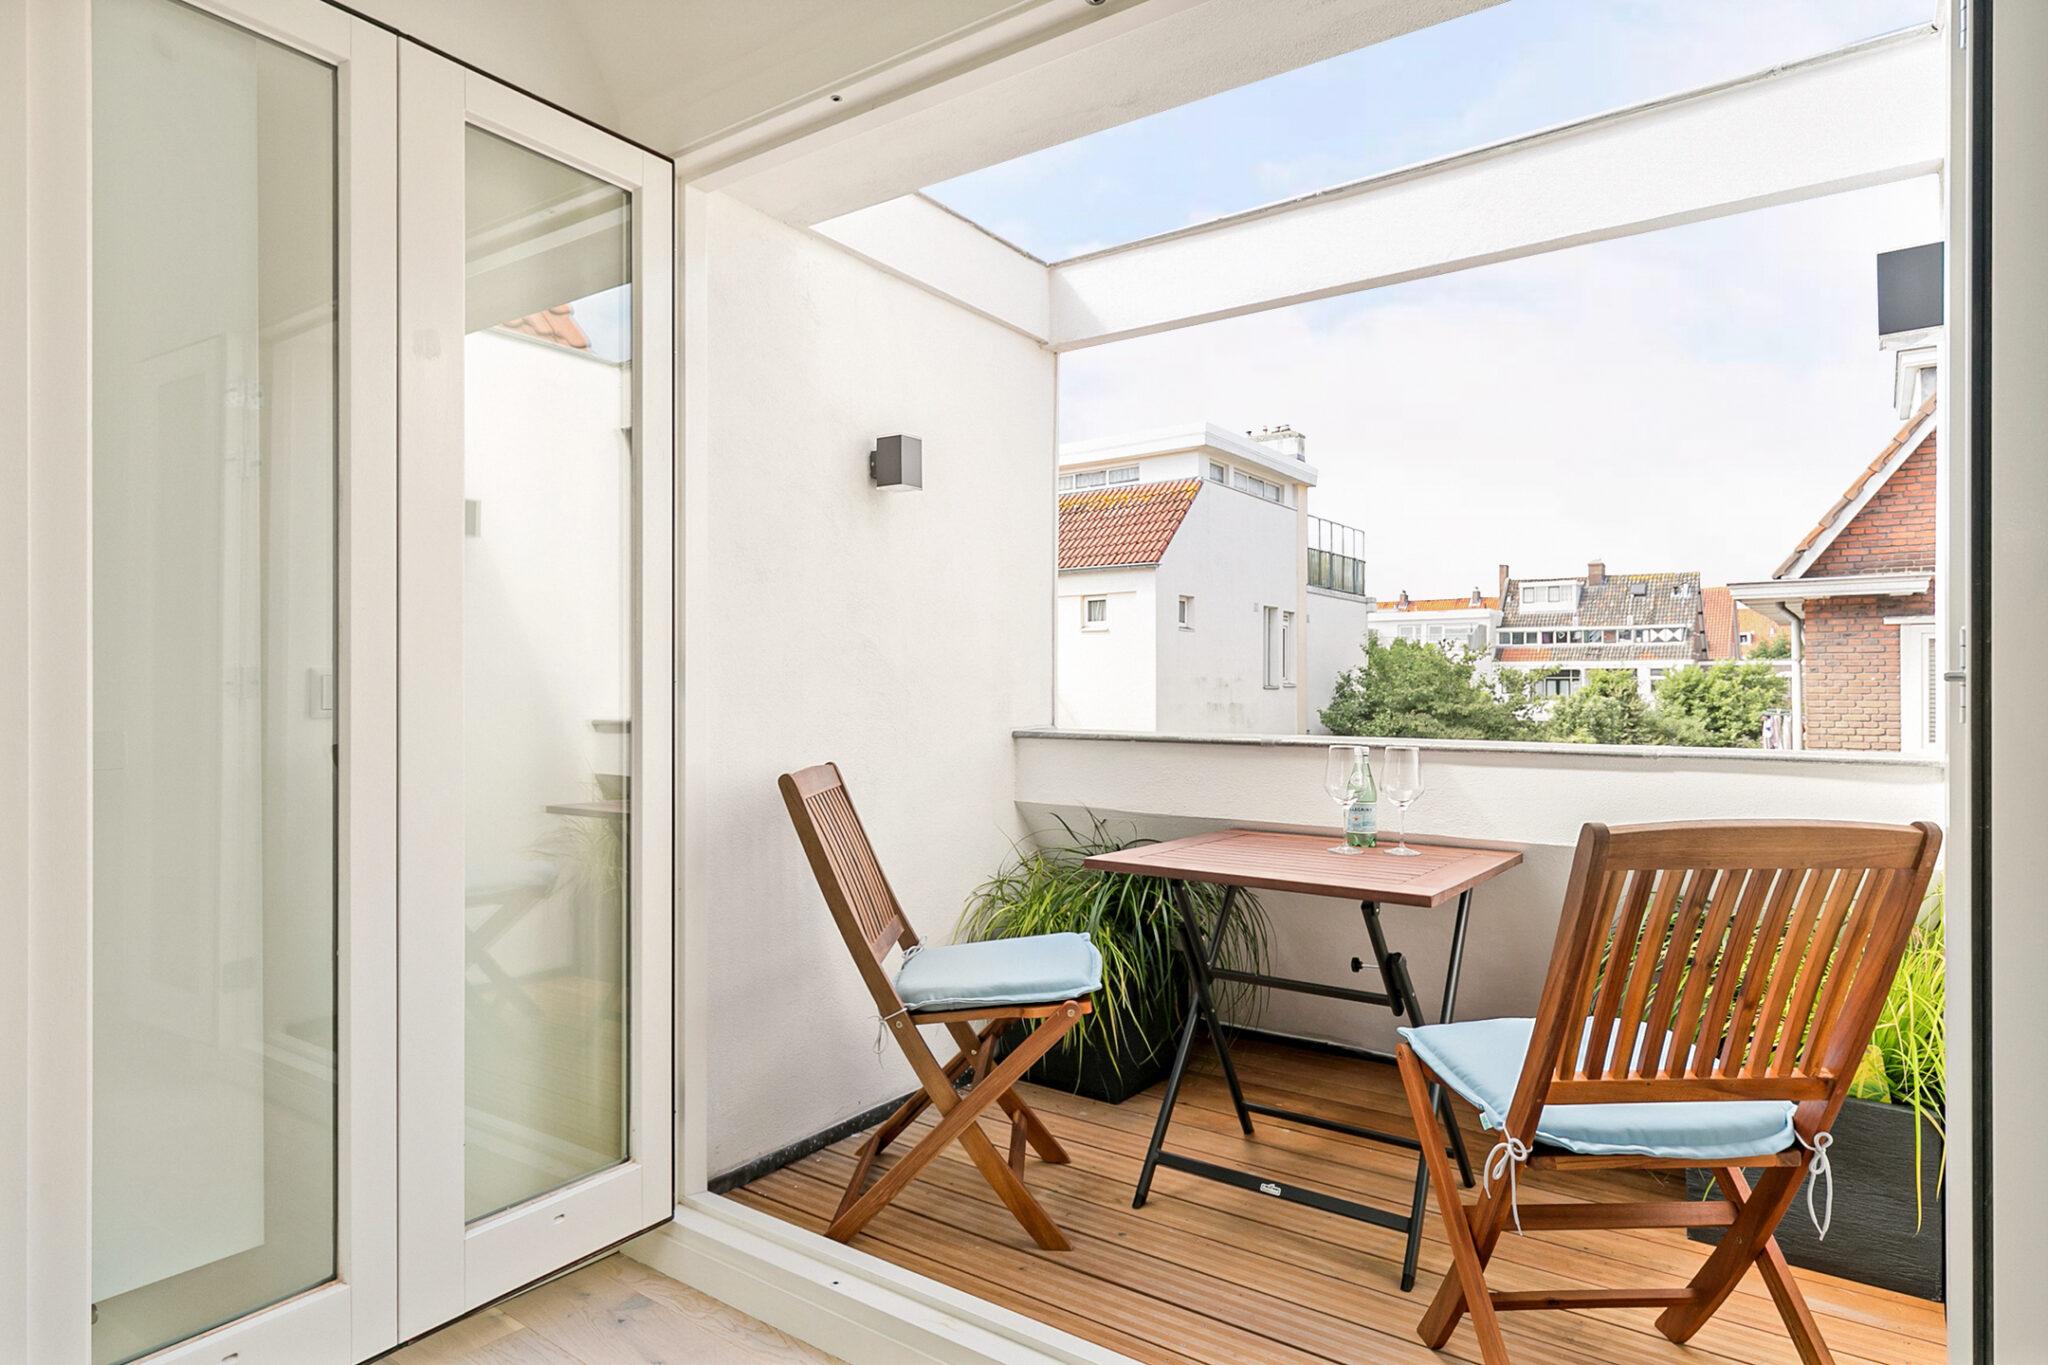 Pieter van Aschstraat 2B terras met volledig openslaande deuren2